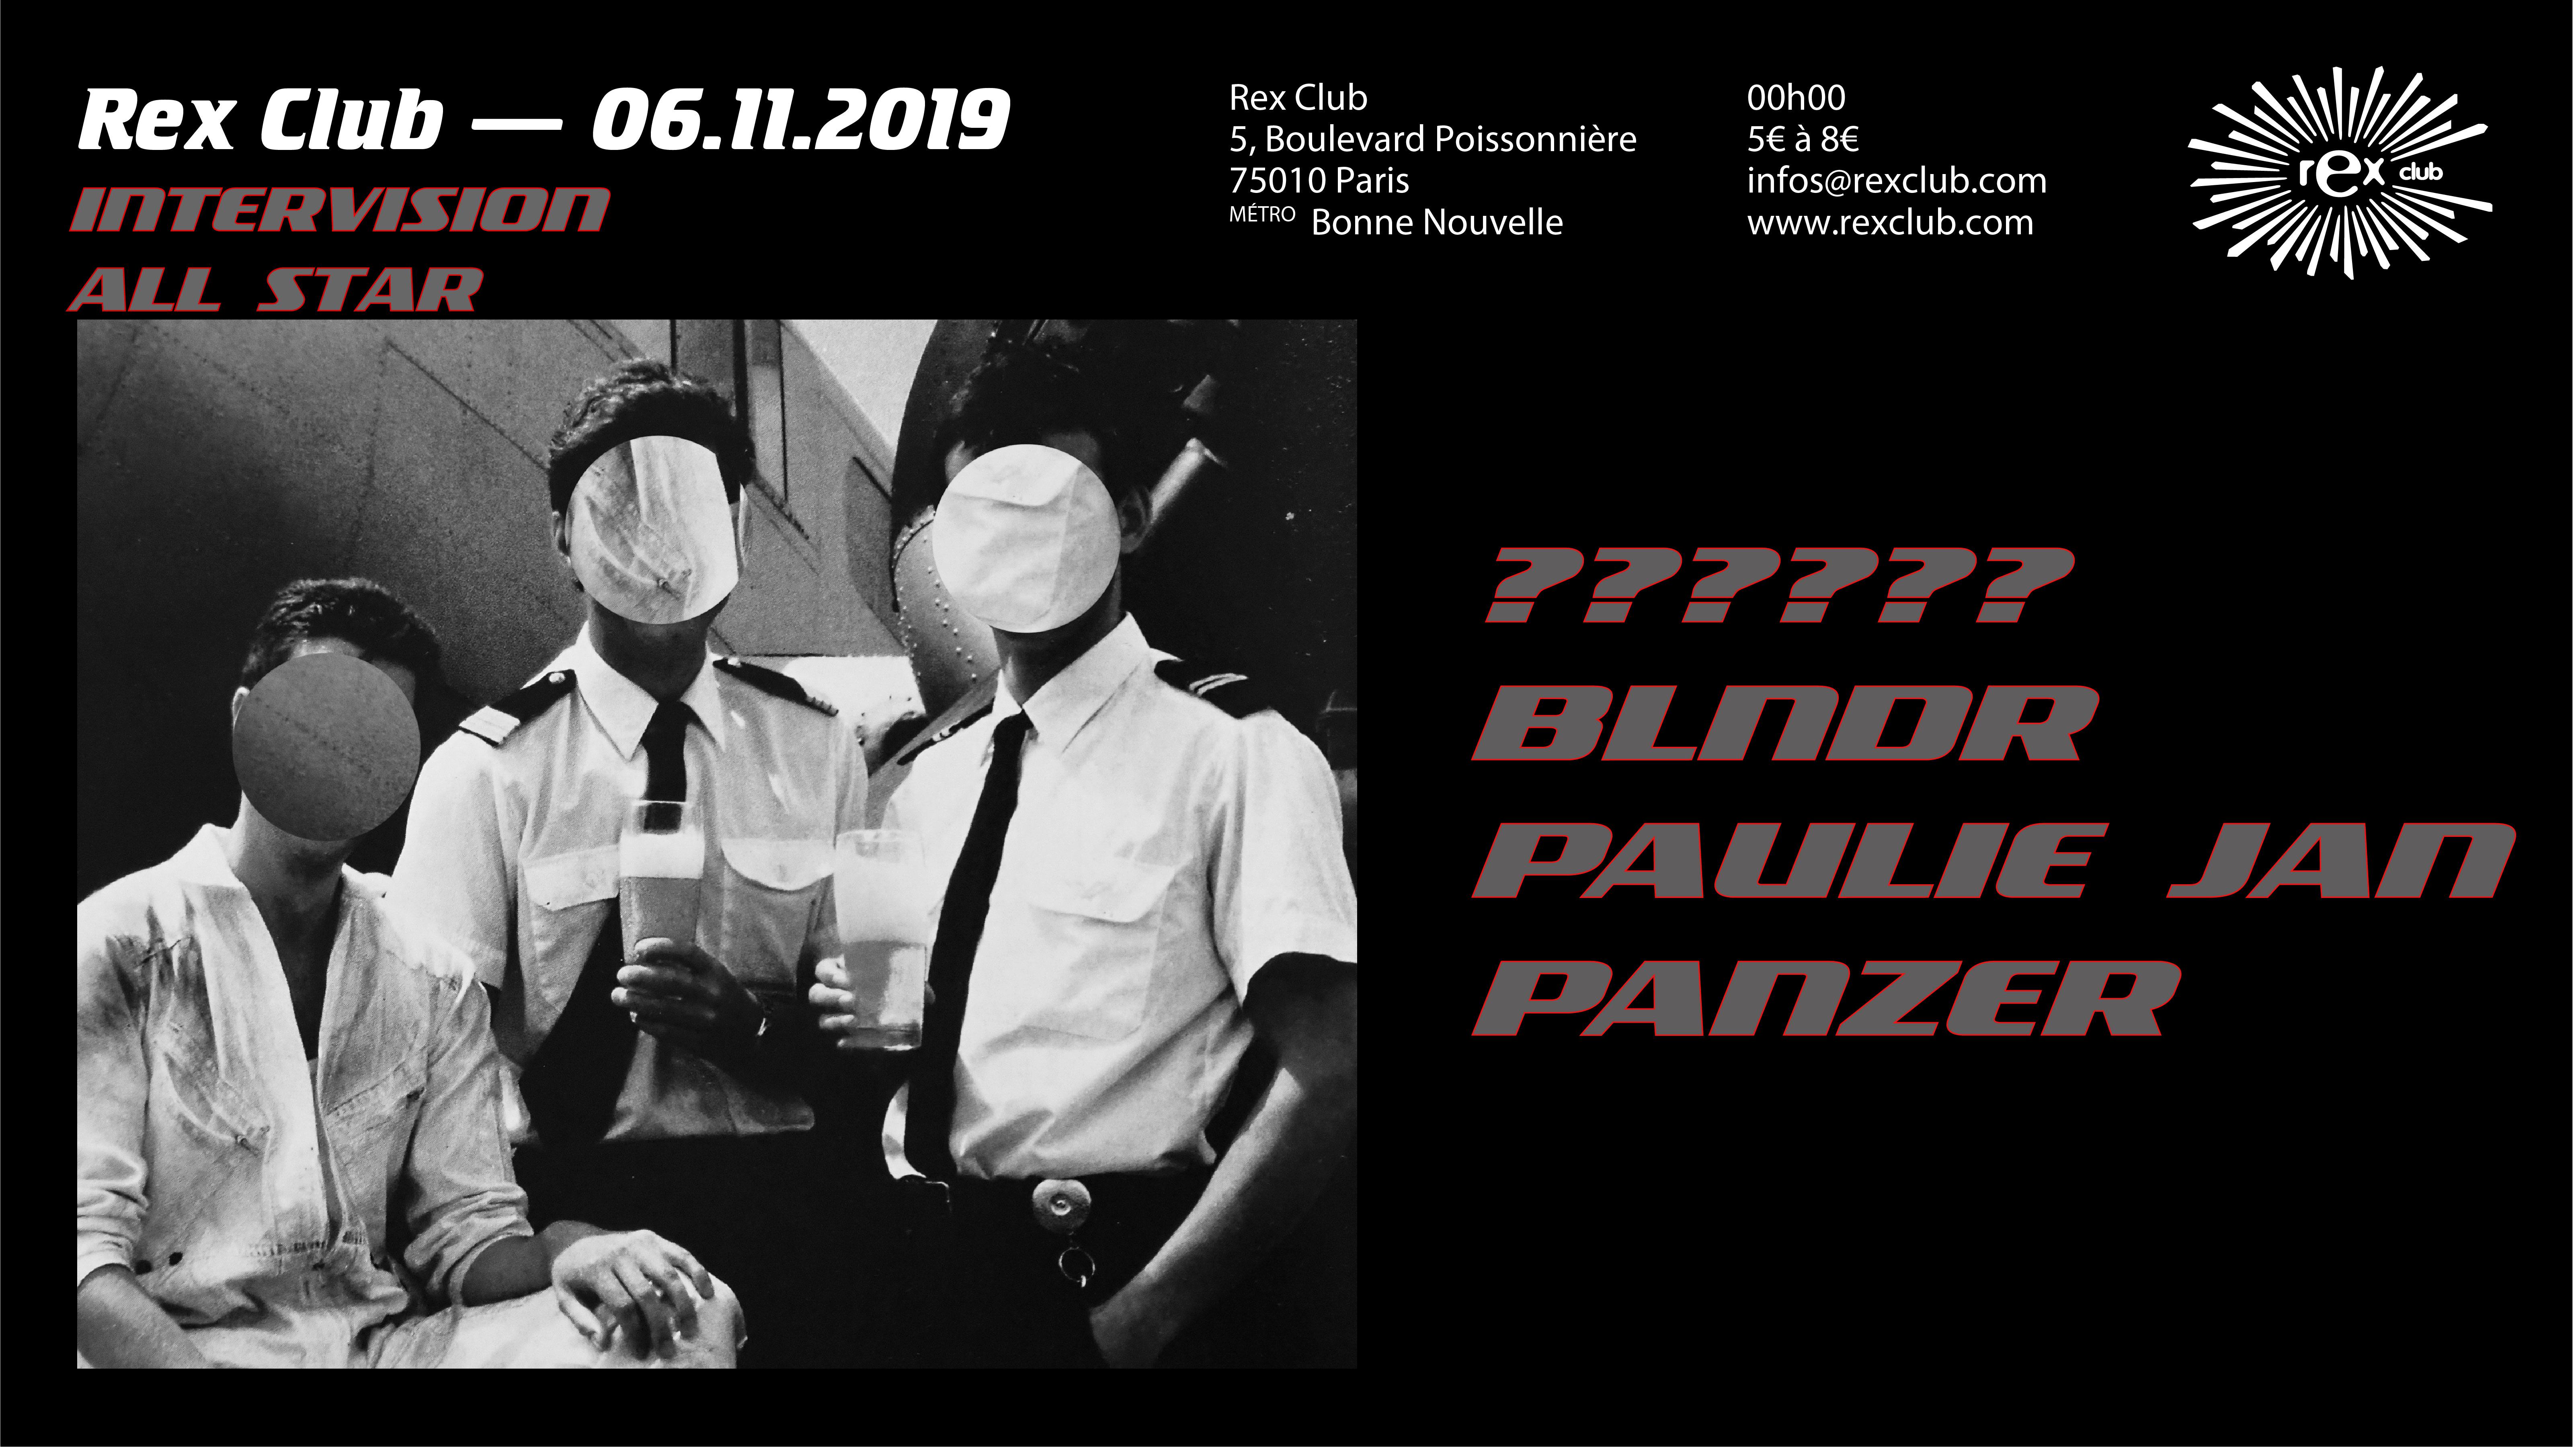 Intervision All Star: BLNDR, Paulie Jan, Panzer